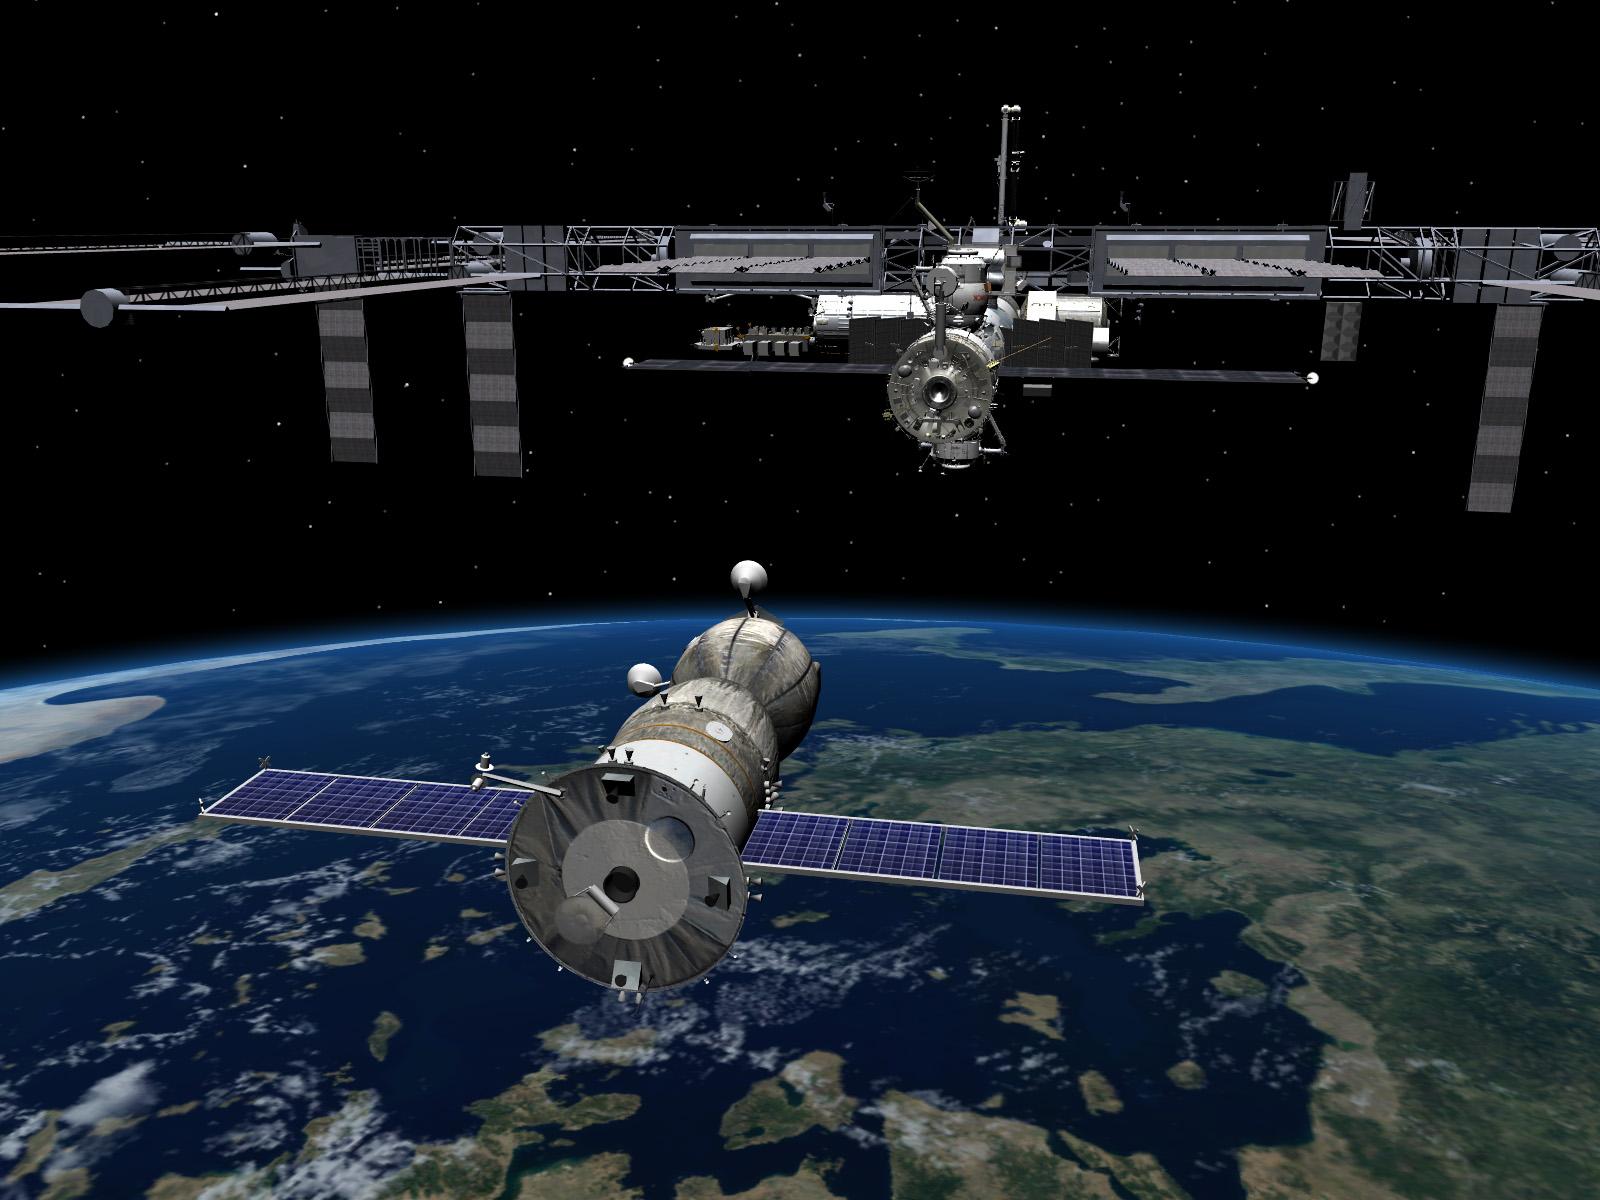 «Союз ТМА-15М», стартовавший к МКС, вышел на расчетную орбиту